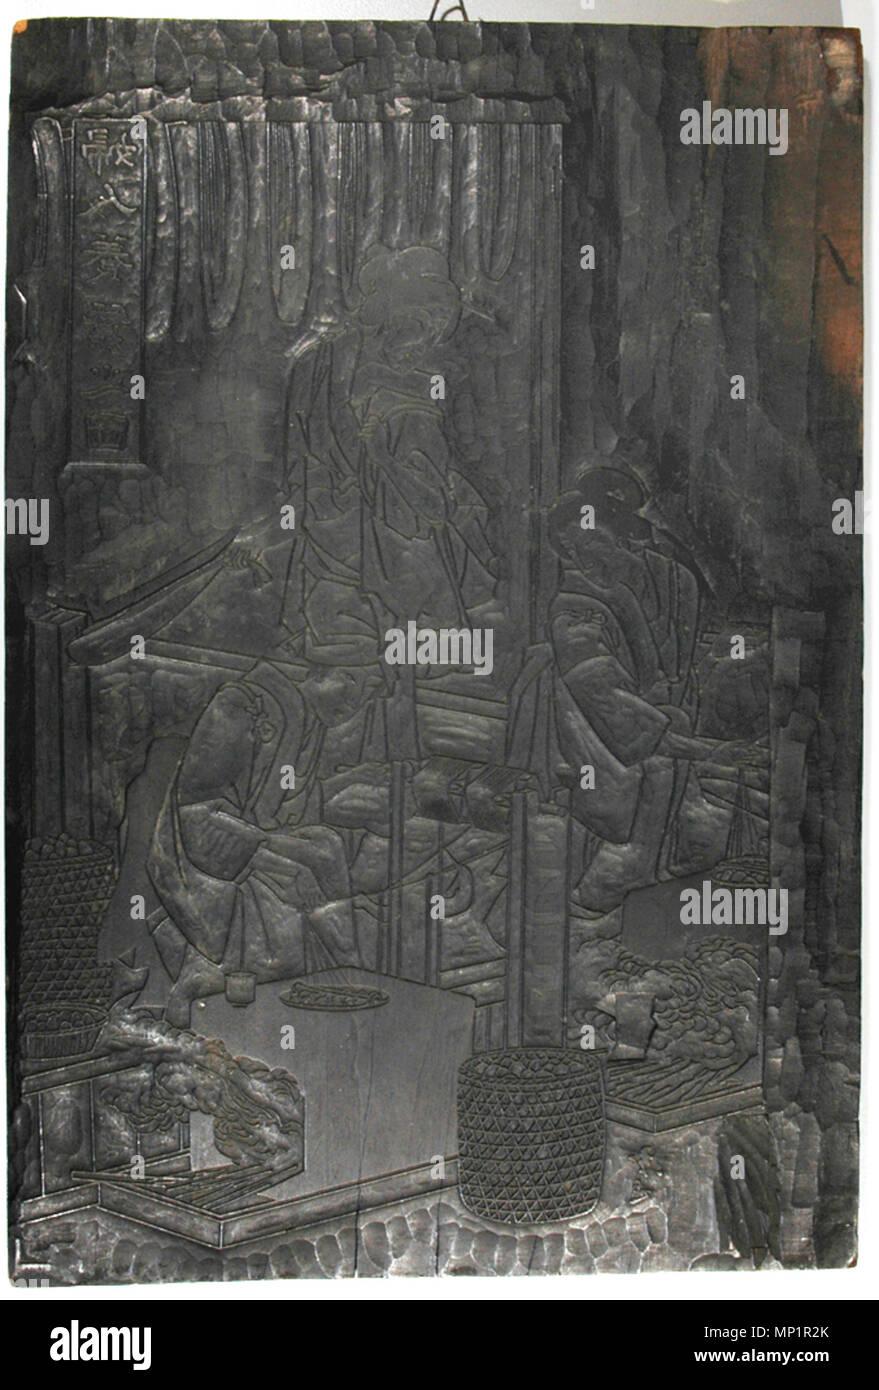 """. Inglés: Adhesión Número: 1943.24 Mostrar Artista: Yoshifuji Utagawa Mostrar Título: xilografía de mujeres haciendo seda (anverso) y nuevos cometas (verso) Título de la serie: anverso: Fujin kaiko yashinai no zu verso: Shinpan tako-e zukushi Fecha de creación: 1864 (verso) Altura: 15 1/2"""". Ancho: 10 1/2"""". Mostrar Dimensiones: 15 1/2"""" x 10 1/2"""" x 7/16"""". (39,37 cm x 26,67 cm x 1,11 cm) Editorial: Kobayashi Taijiro Línea de Crédito: Museo copia de la etiqueta de compra: """"This impresin se expidi para conmemorar el kaomise, oh representacin en que muestra la cara, en el onceavo mes de 1784 en el teatro Nakamura. En el teatr Foto de stock"""